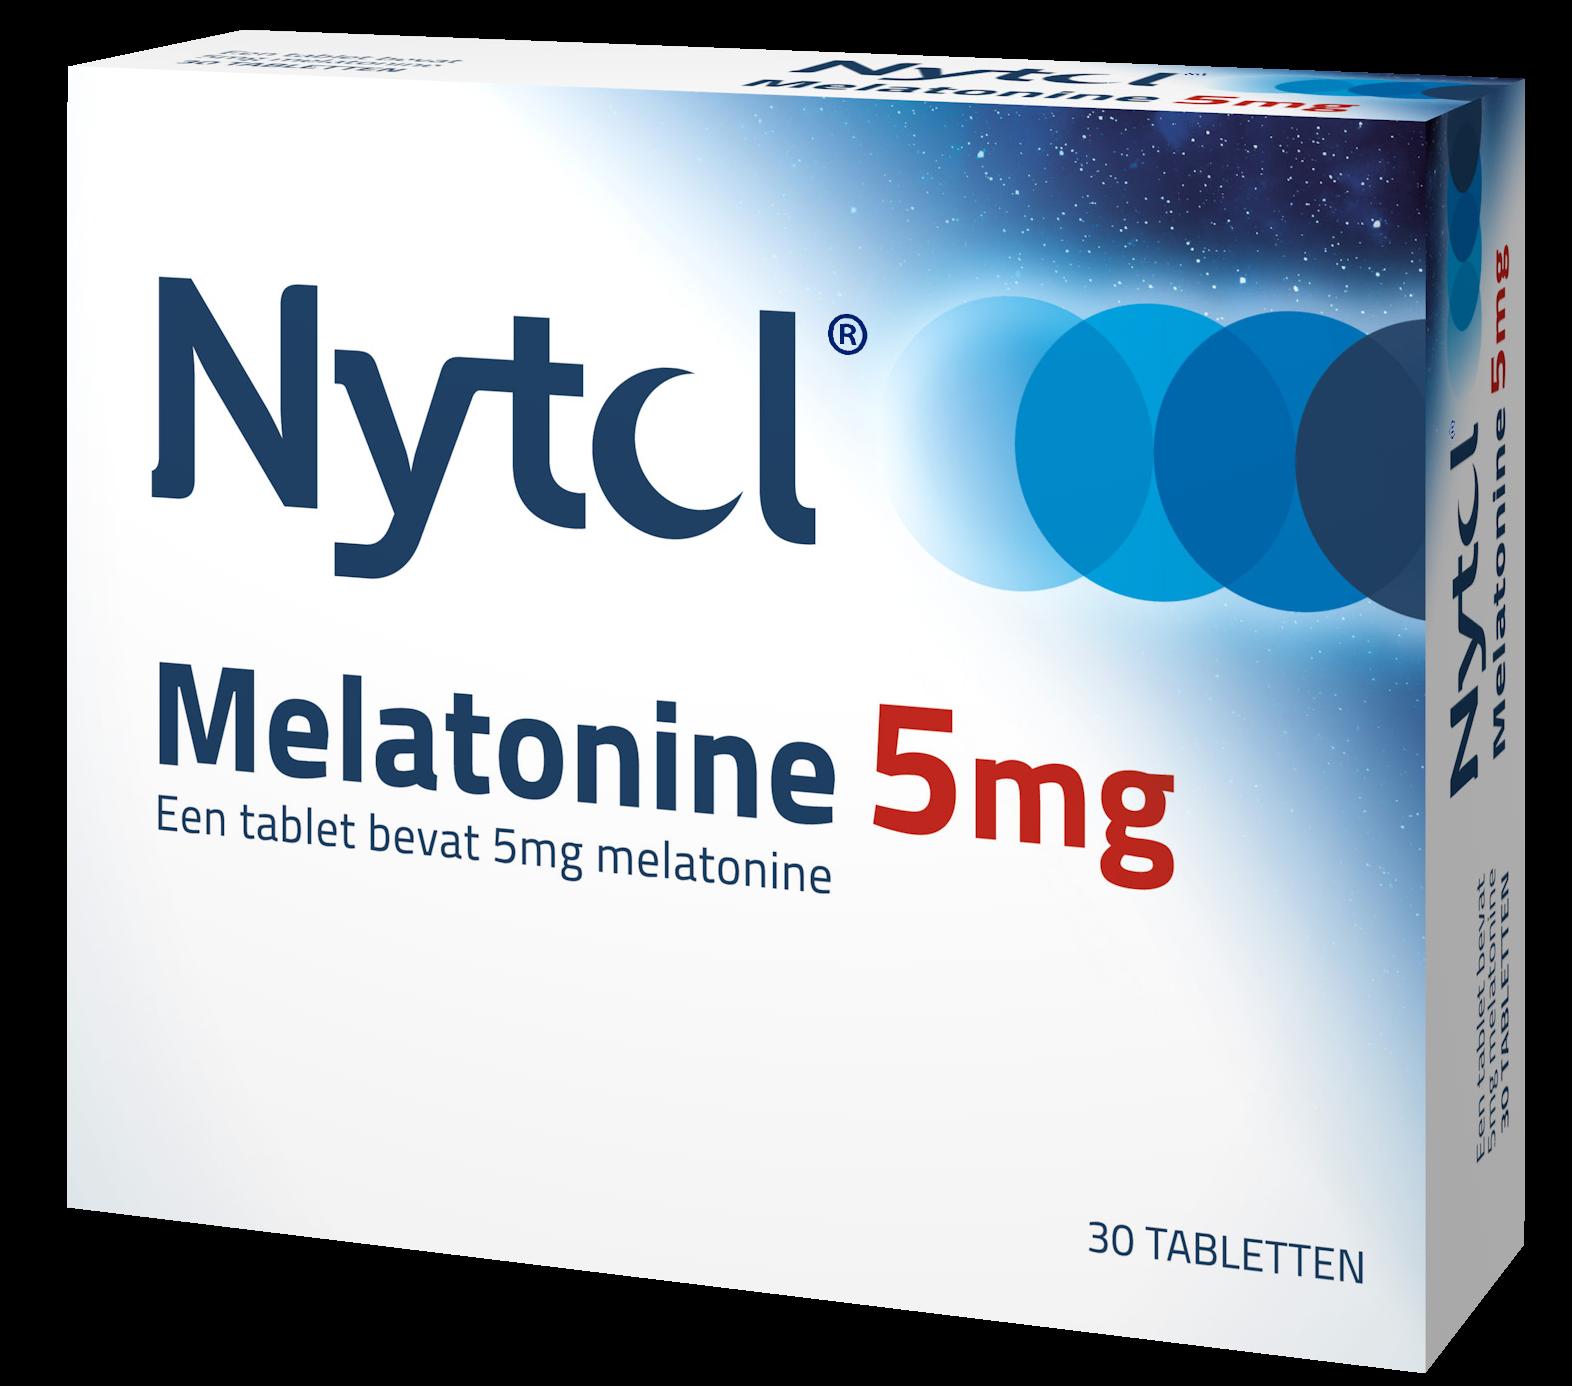 Nytol Melatonine 5mg blister